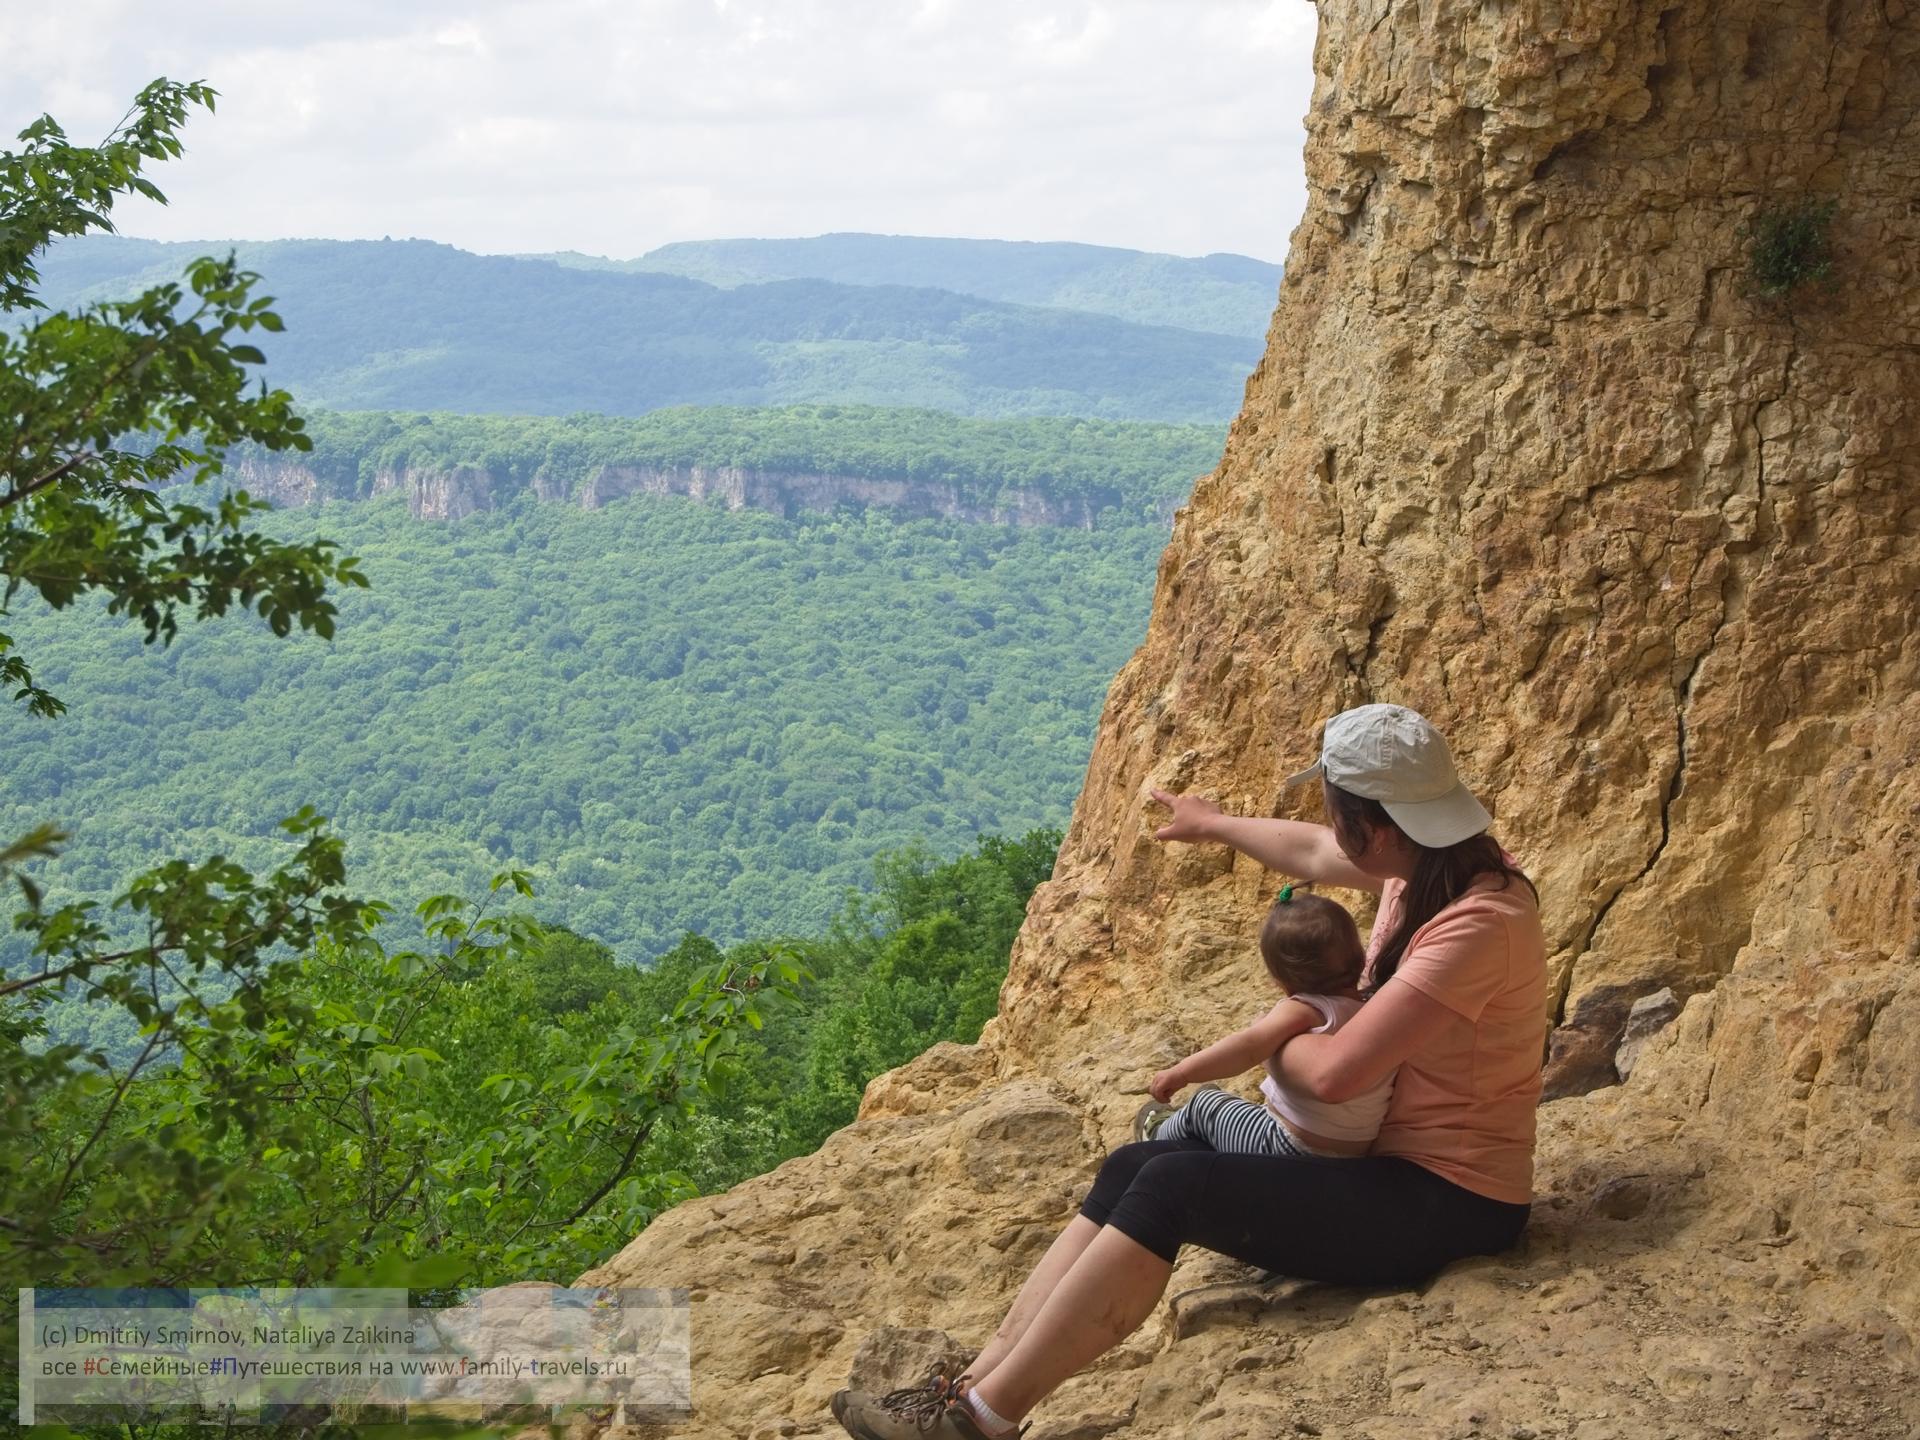 05162018-1309-Blog-020 Путешествия  Чертов палец (Трек, часть 1)